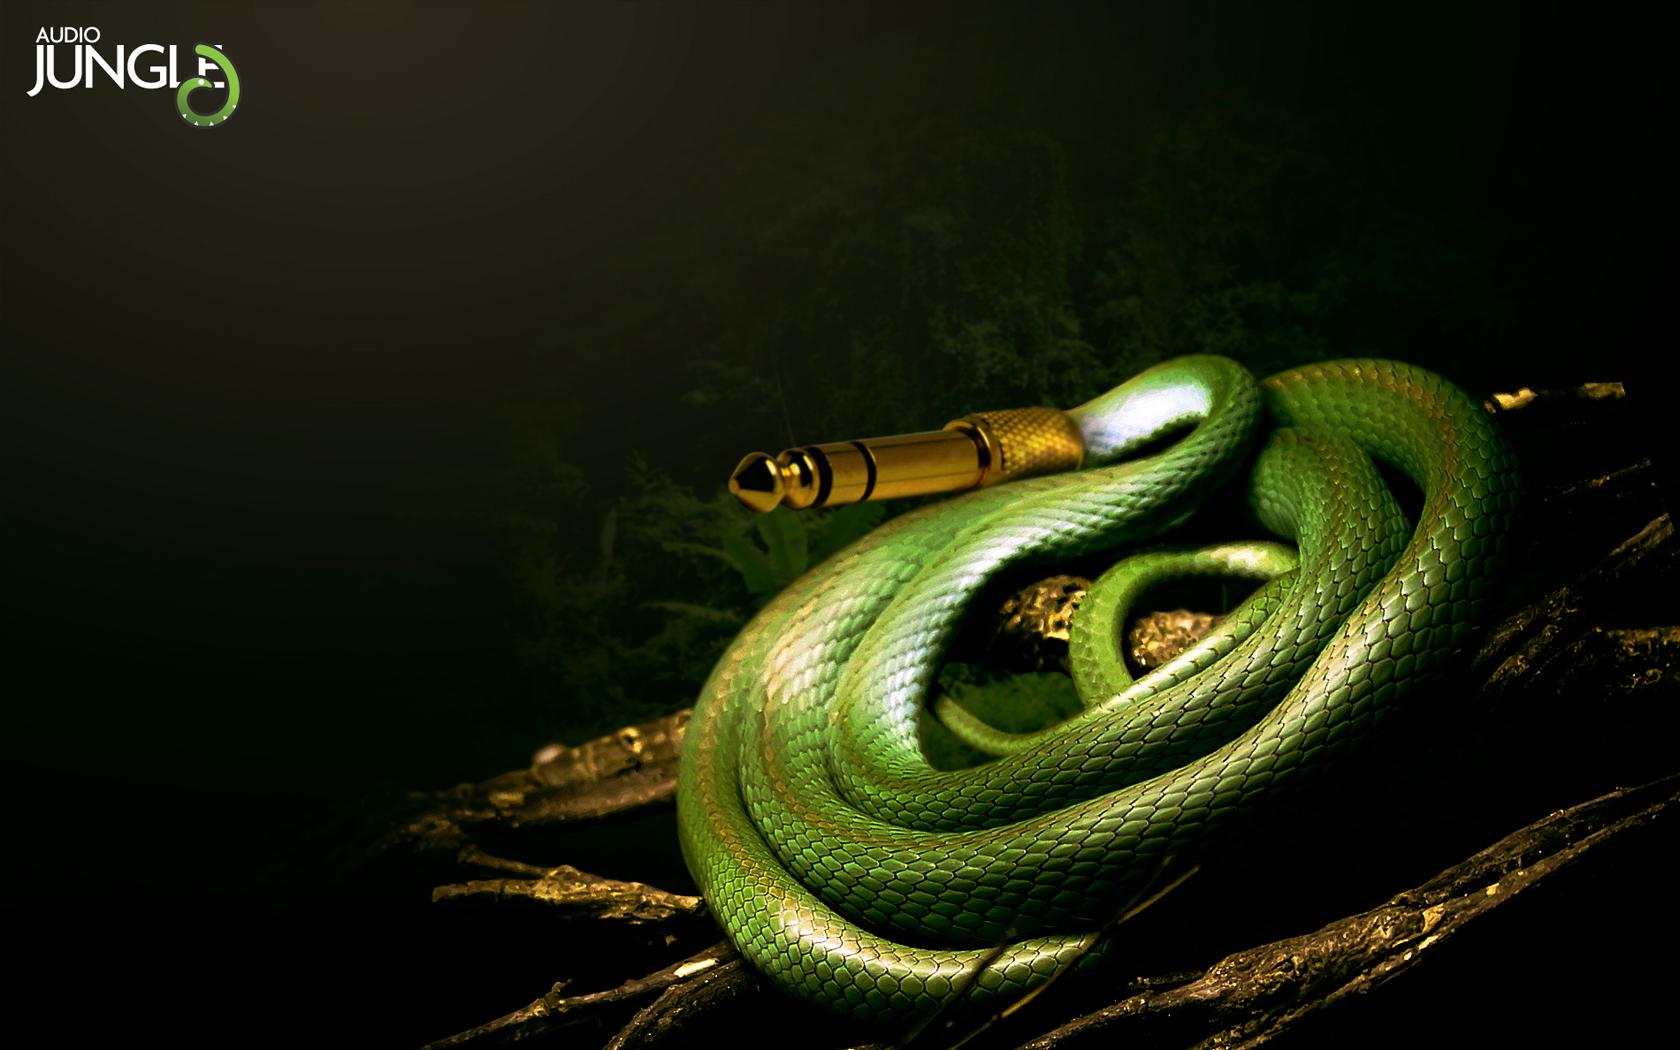 Скачать обои музыка, джунгли, змея, раздел разное в разрешении ...